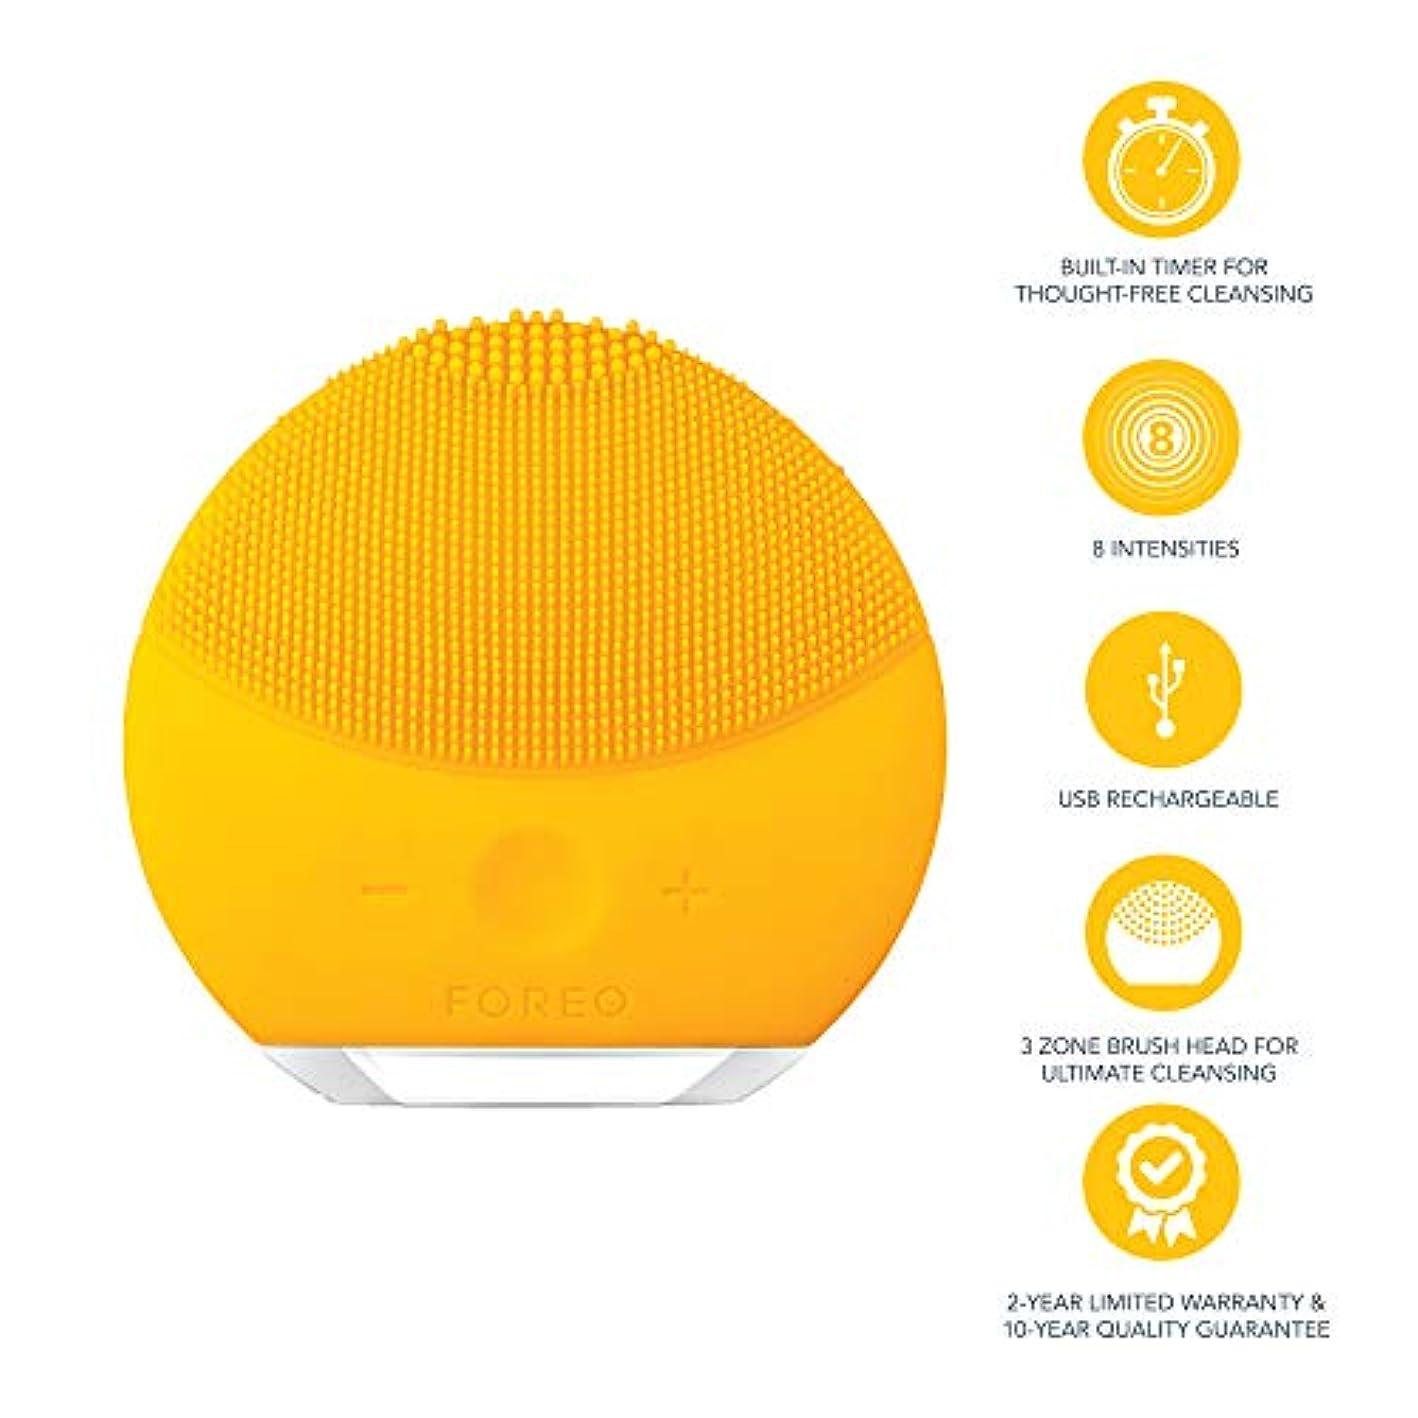 パズル私たち自身安定しましたFOREO LUNA mini 2 サンフラワーイエロー 電動洗顔ブラシ シリコーン製 音波振動